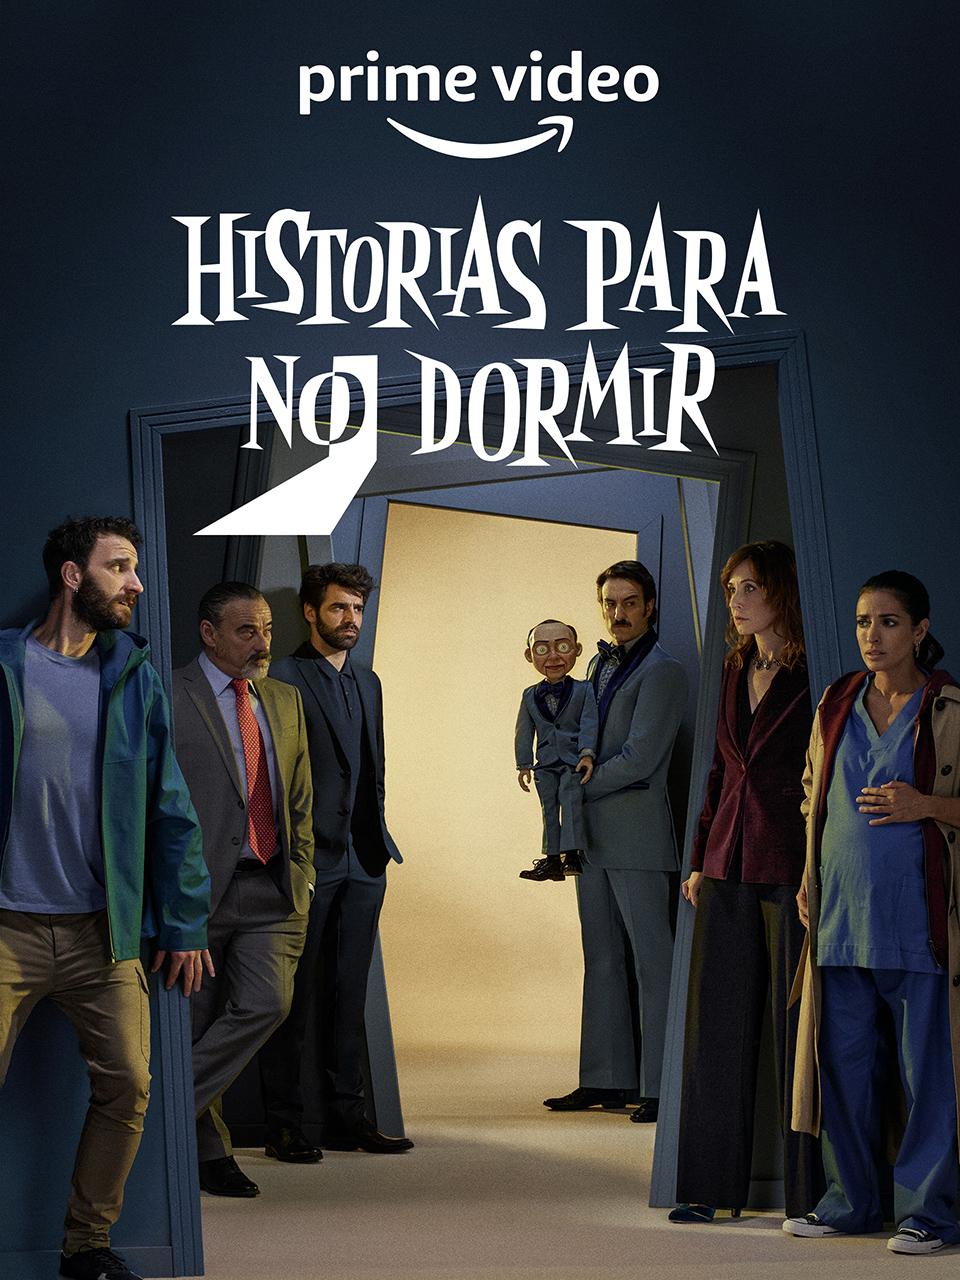 Historias para no dormir, la revisión de la serie de Chicho Ibáñez, en Amazon Prime Video